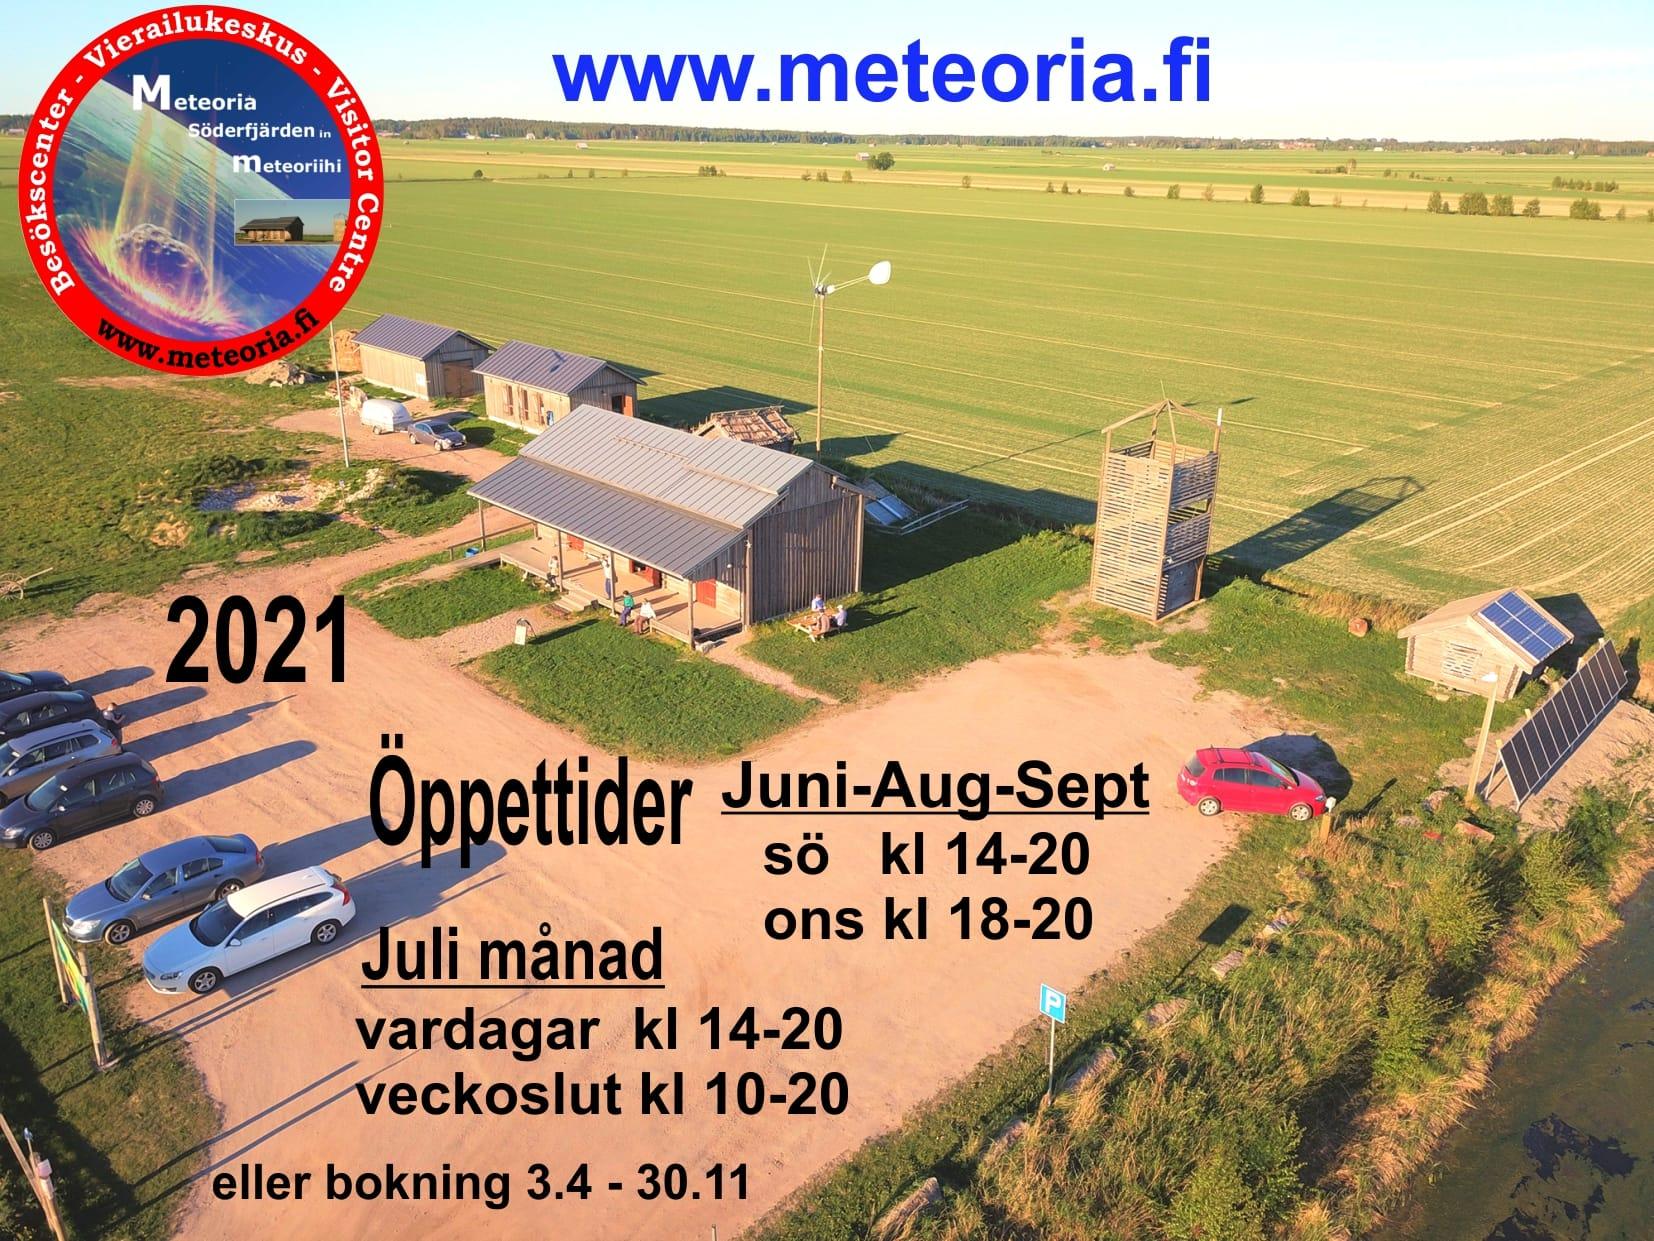 Meteoriabild +tider 2021 sv.jpg